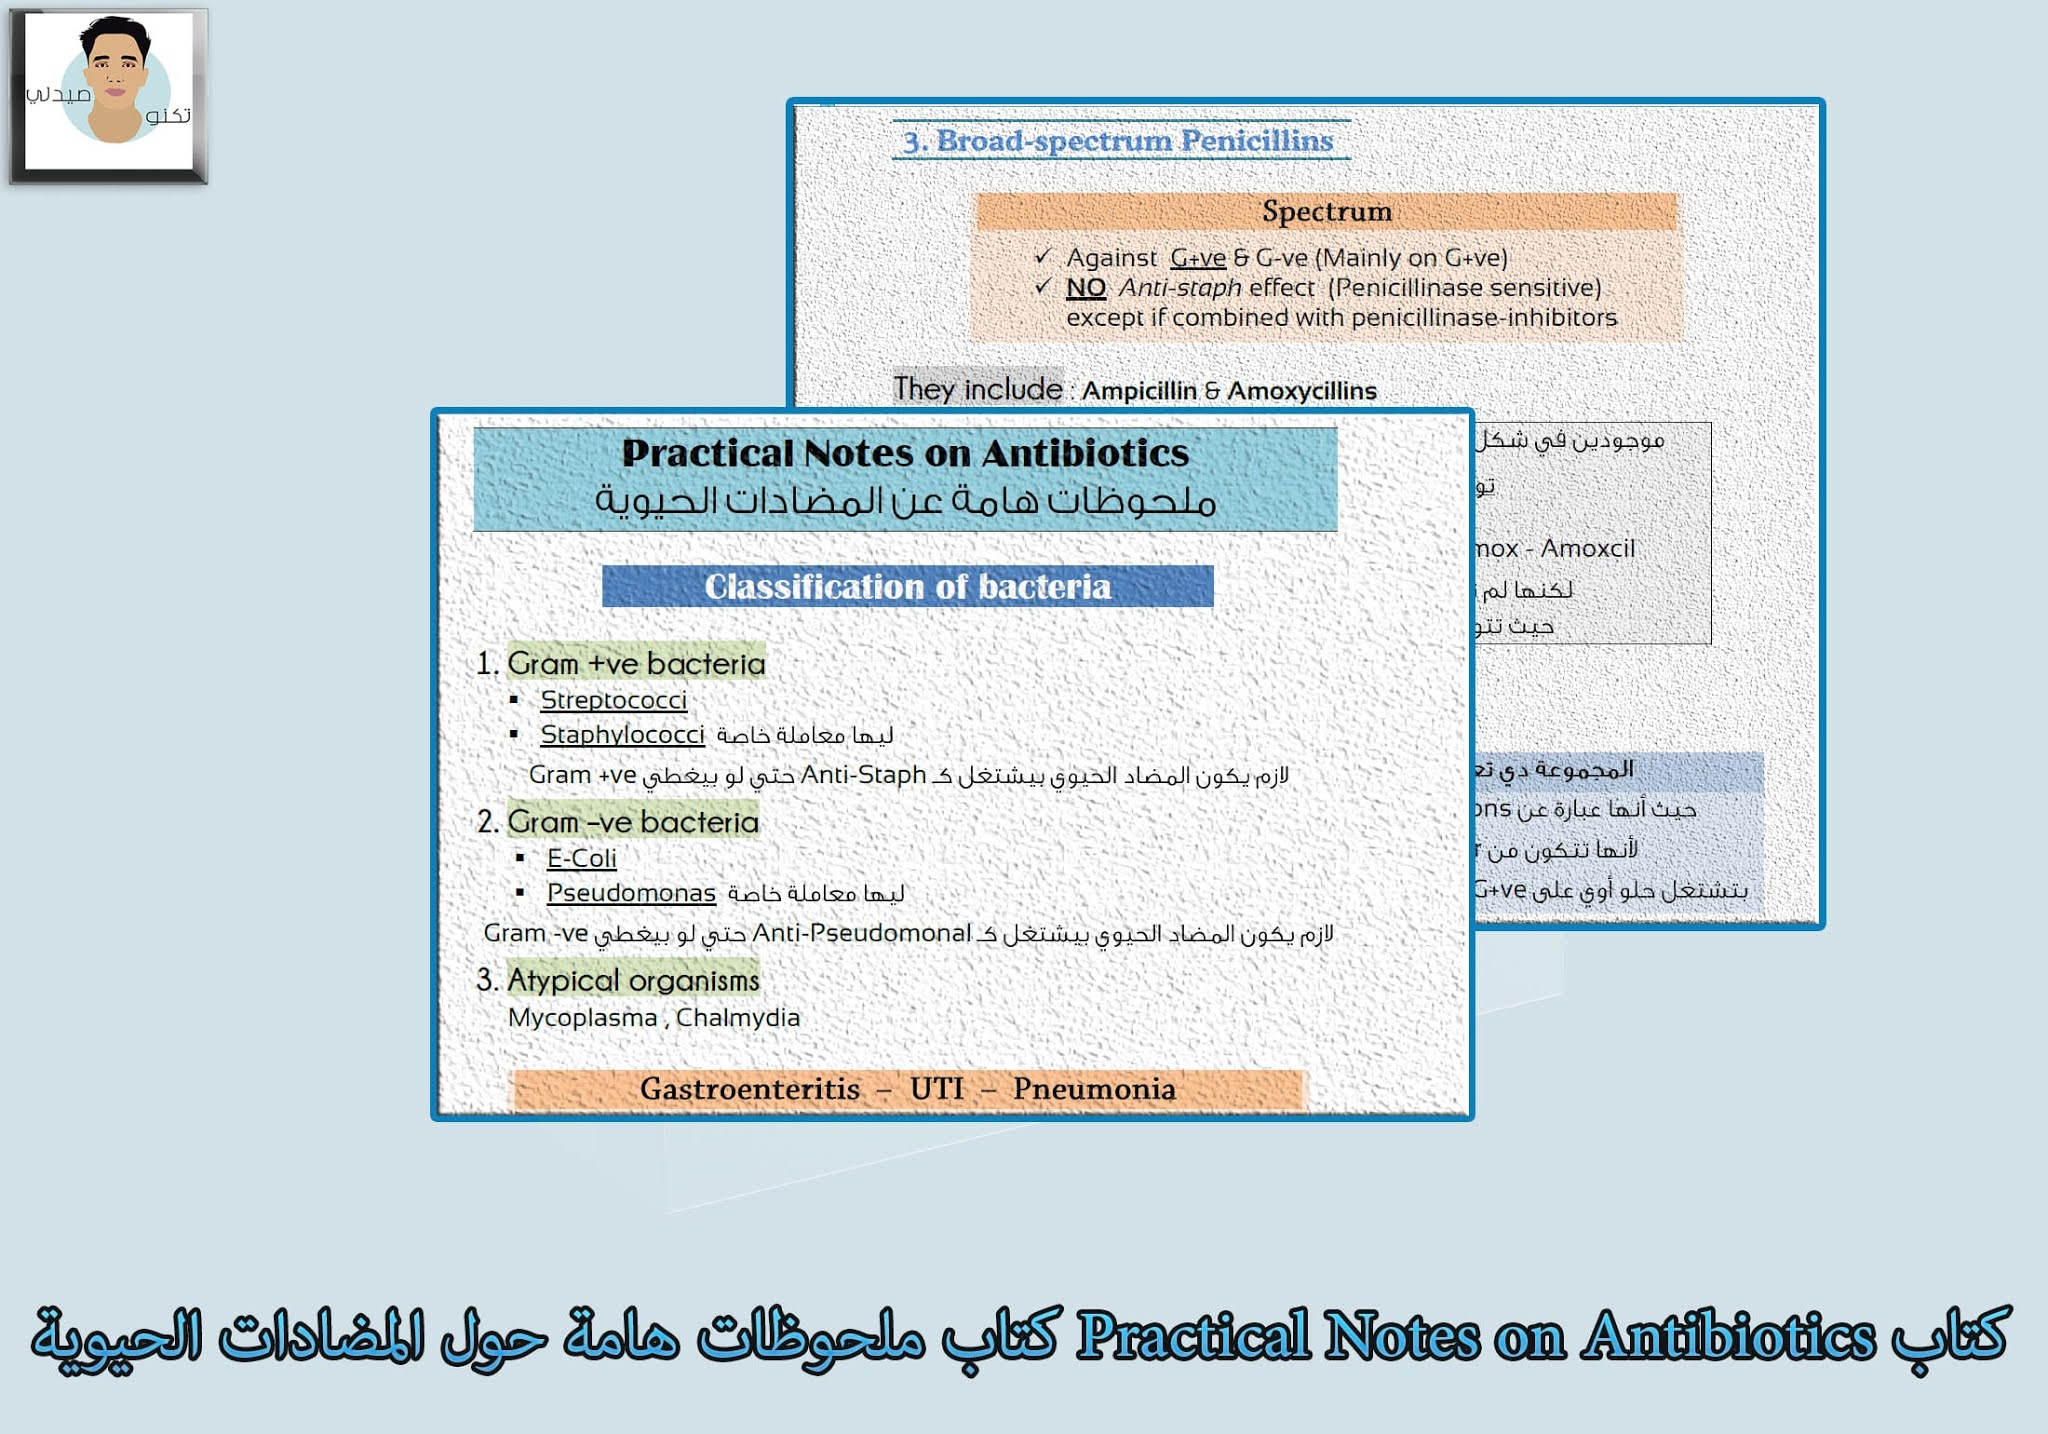 كتاب Practical Notes on Antibiotics كتاب ملحوظات هامة حول المضادات الحيوية